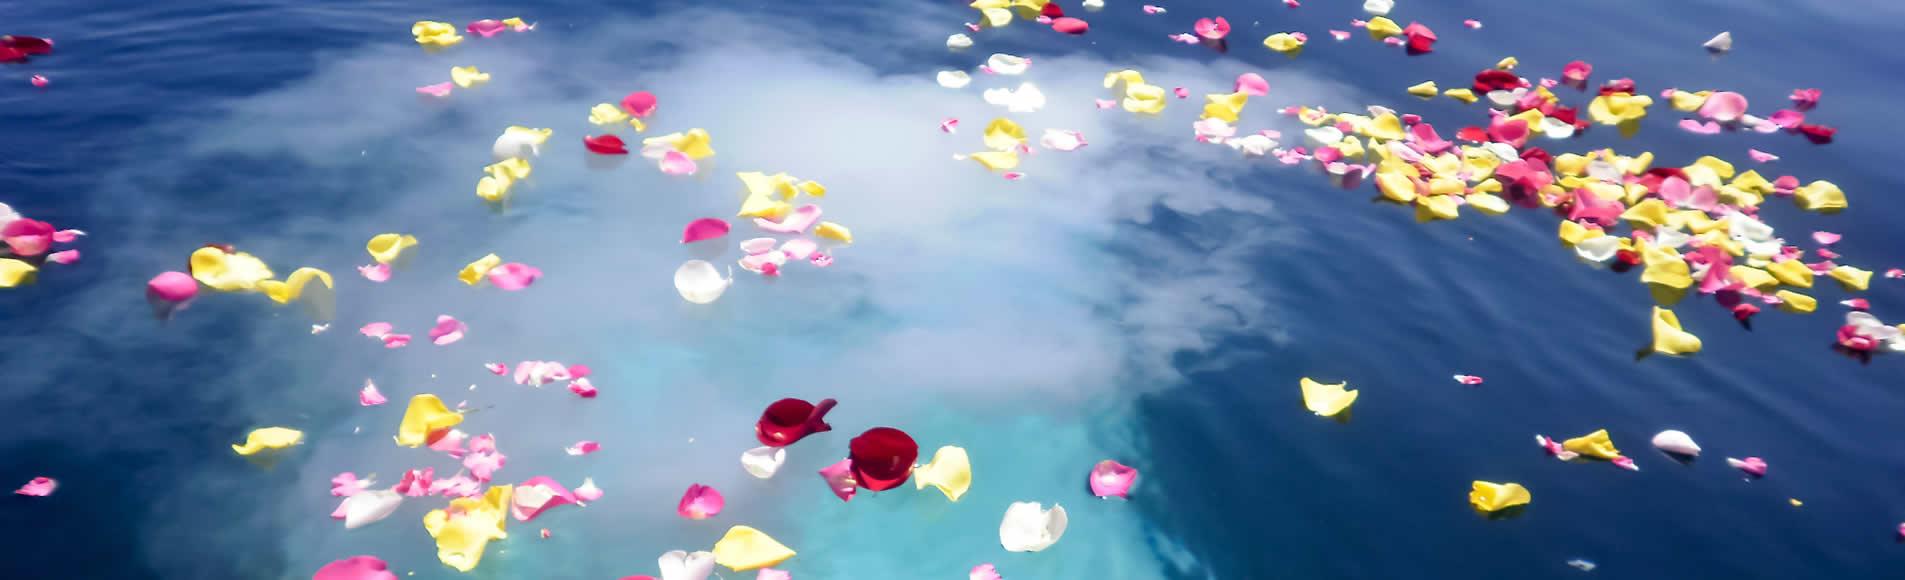 海洋散骨 うみと大地の自然葬